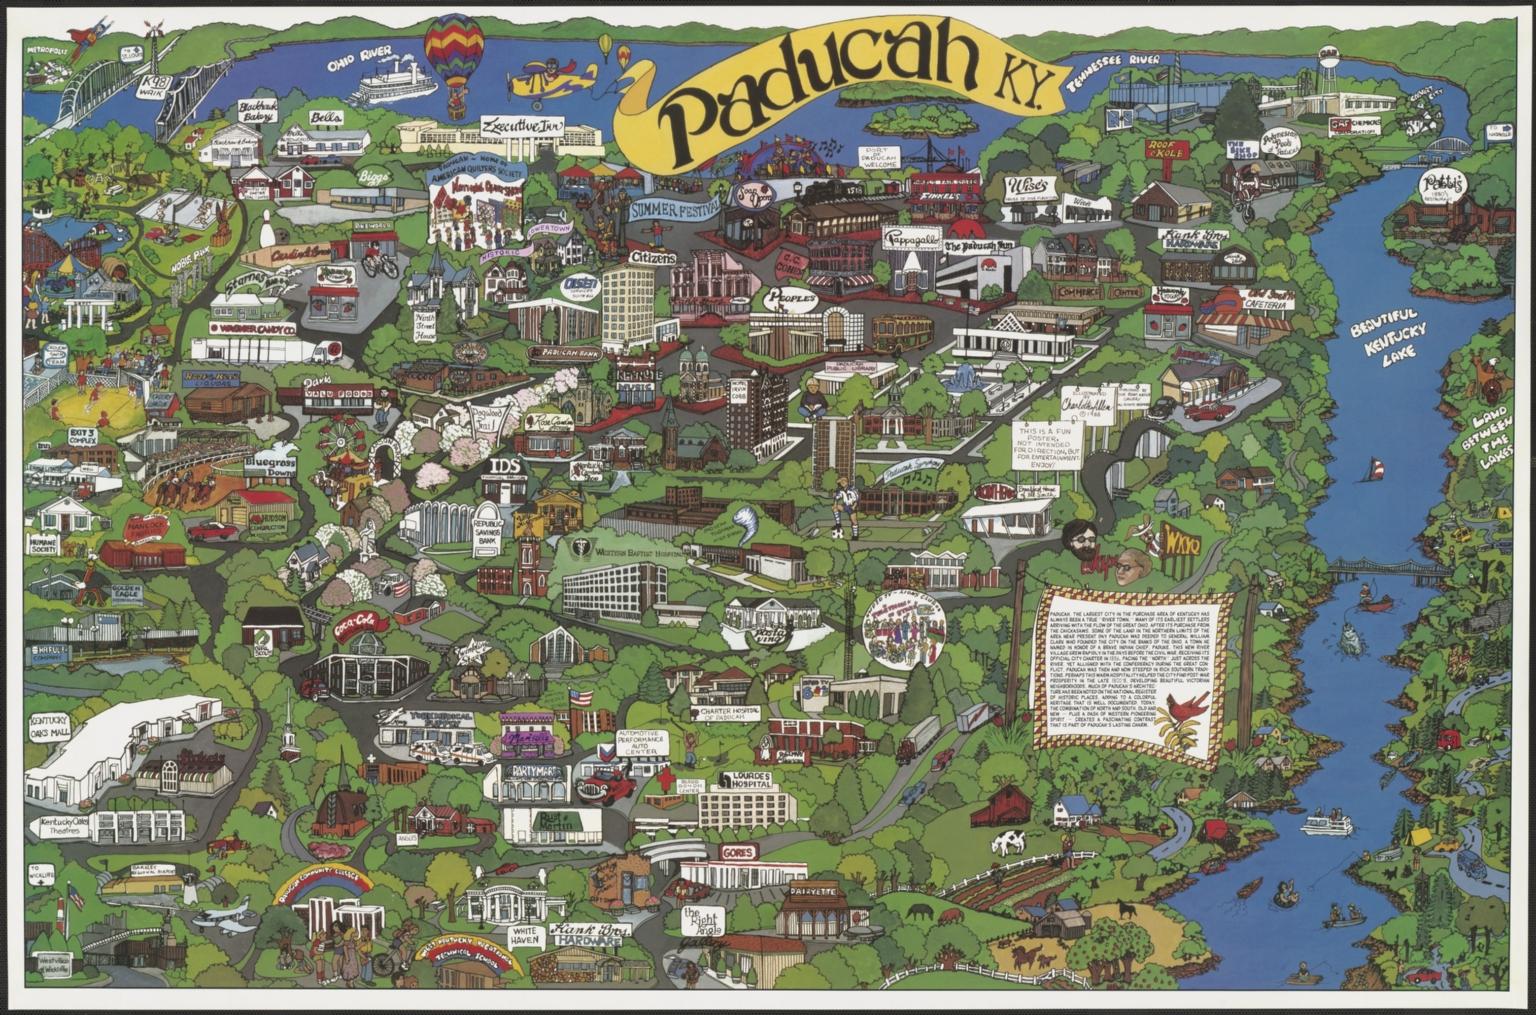 Map of Paducah (KY)